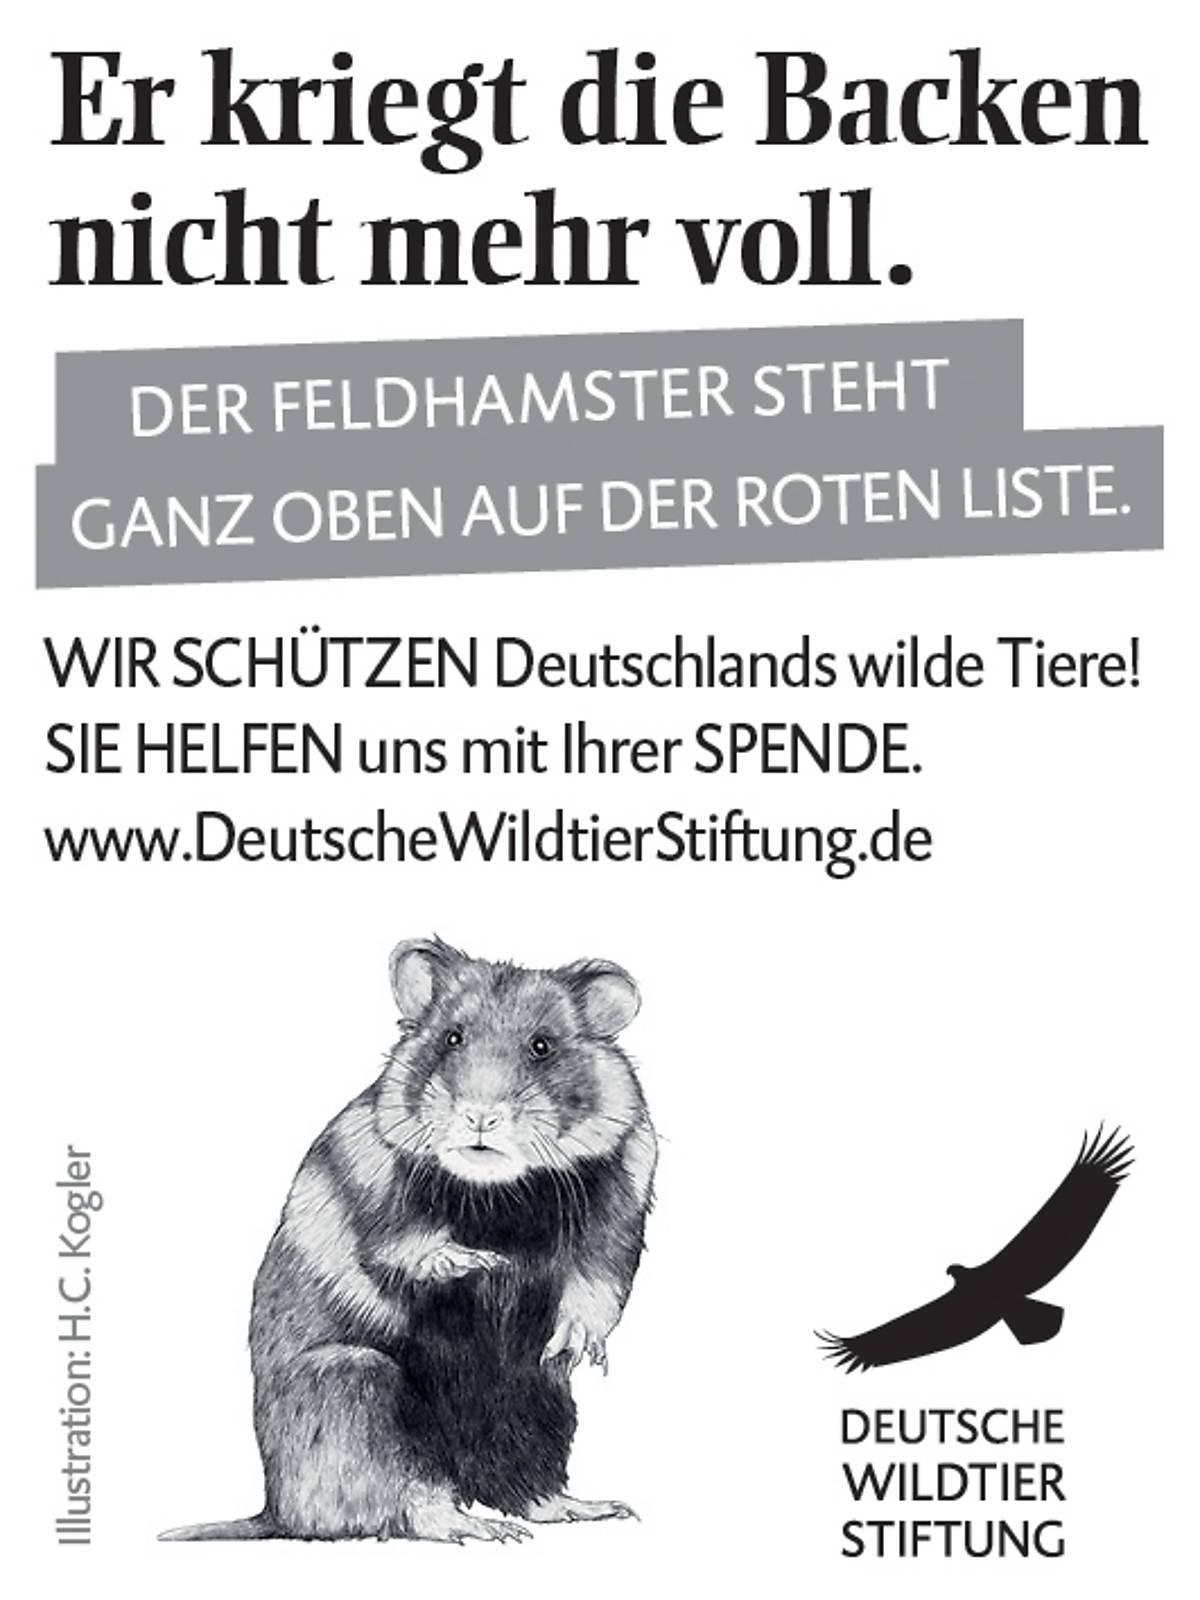 45x60_schutzprojekt-feldhamster_sw